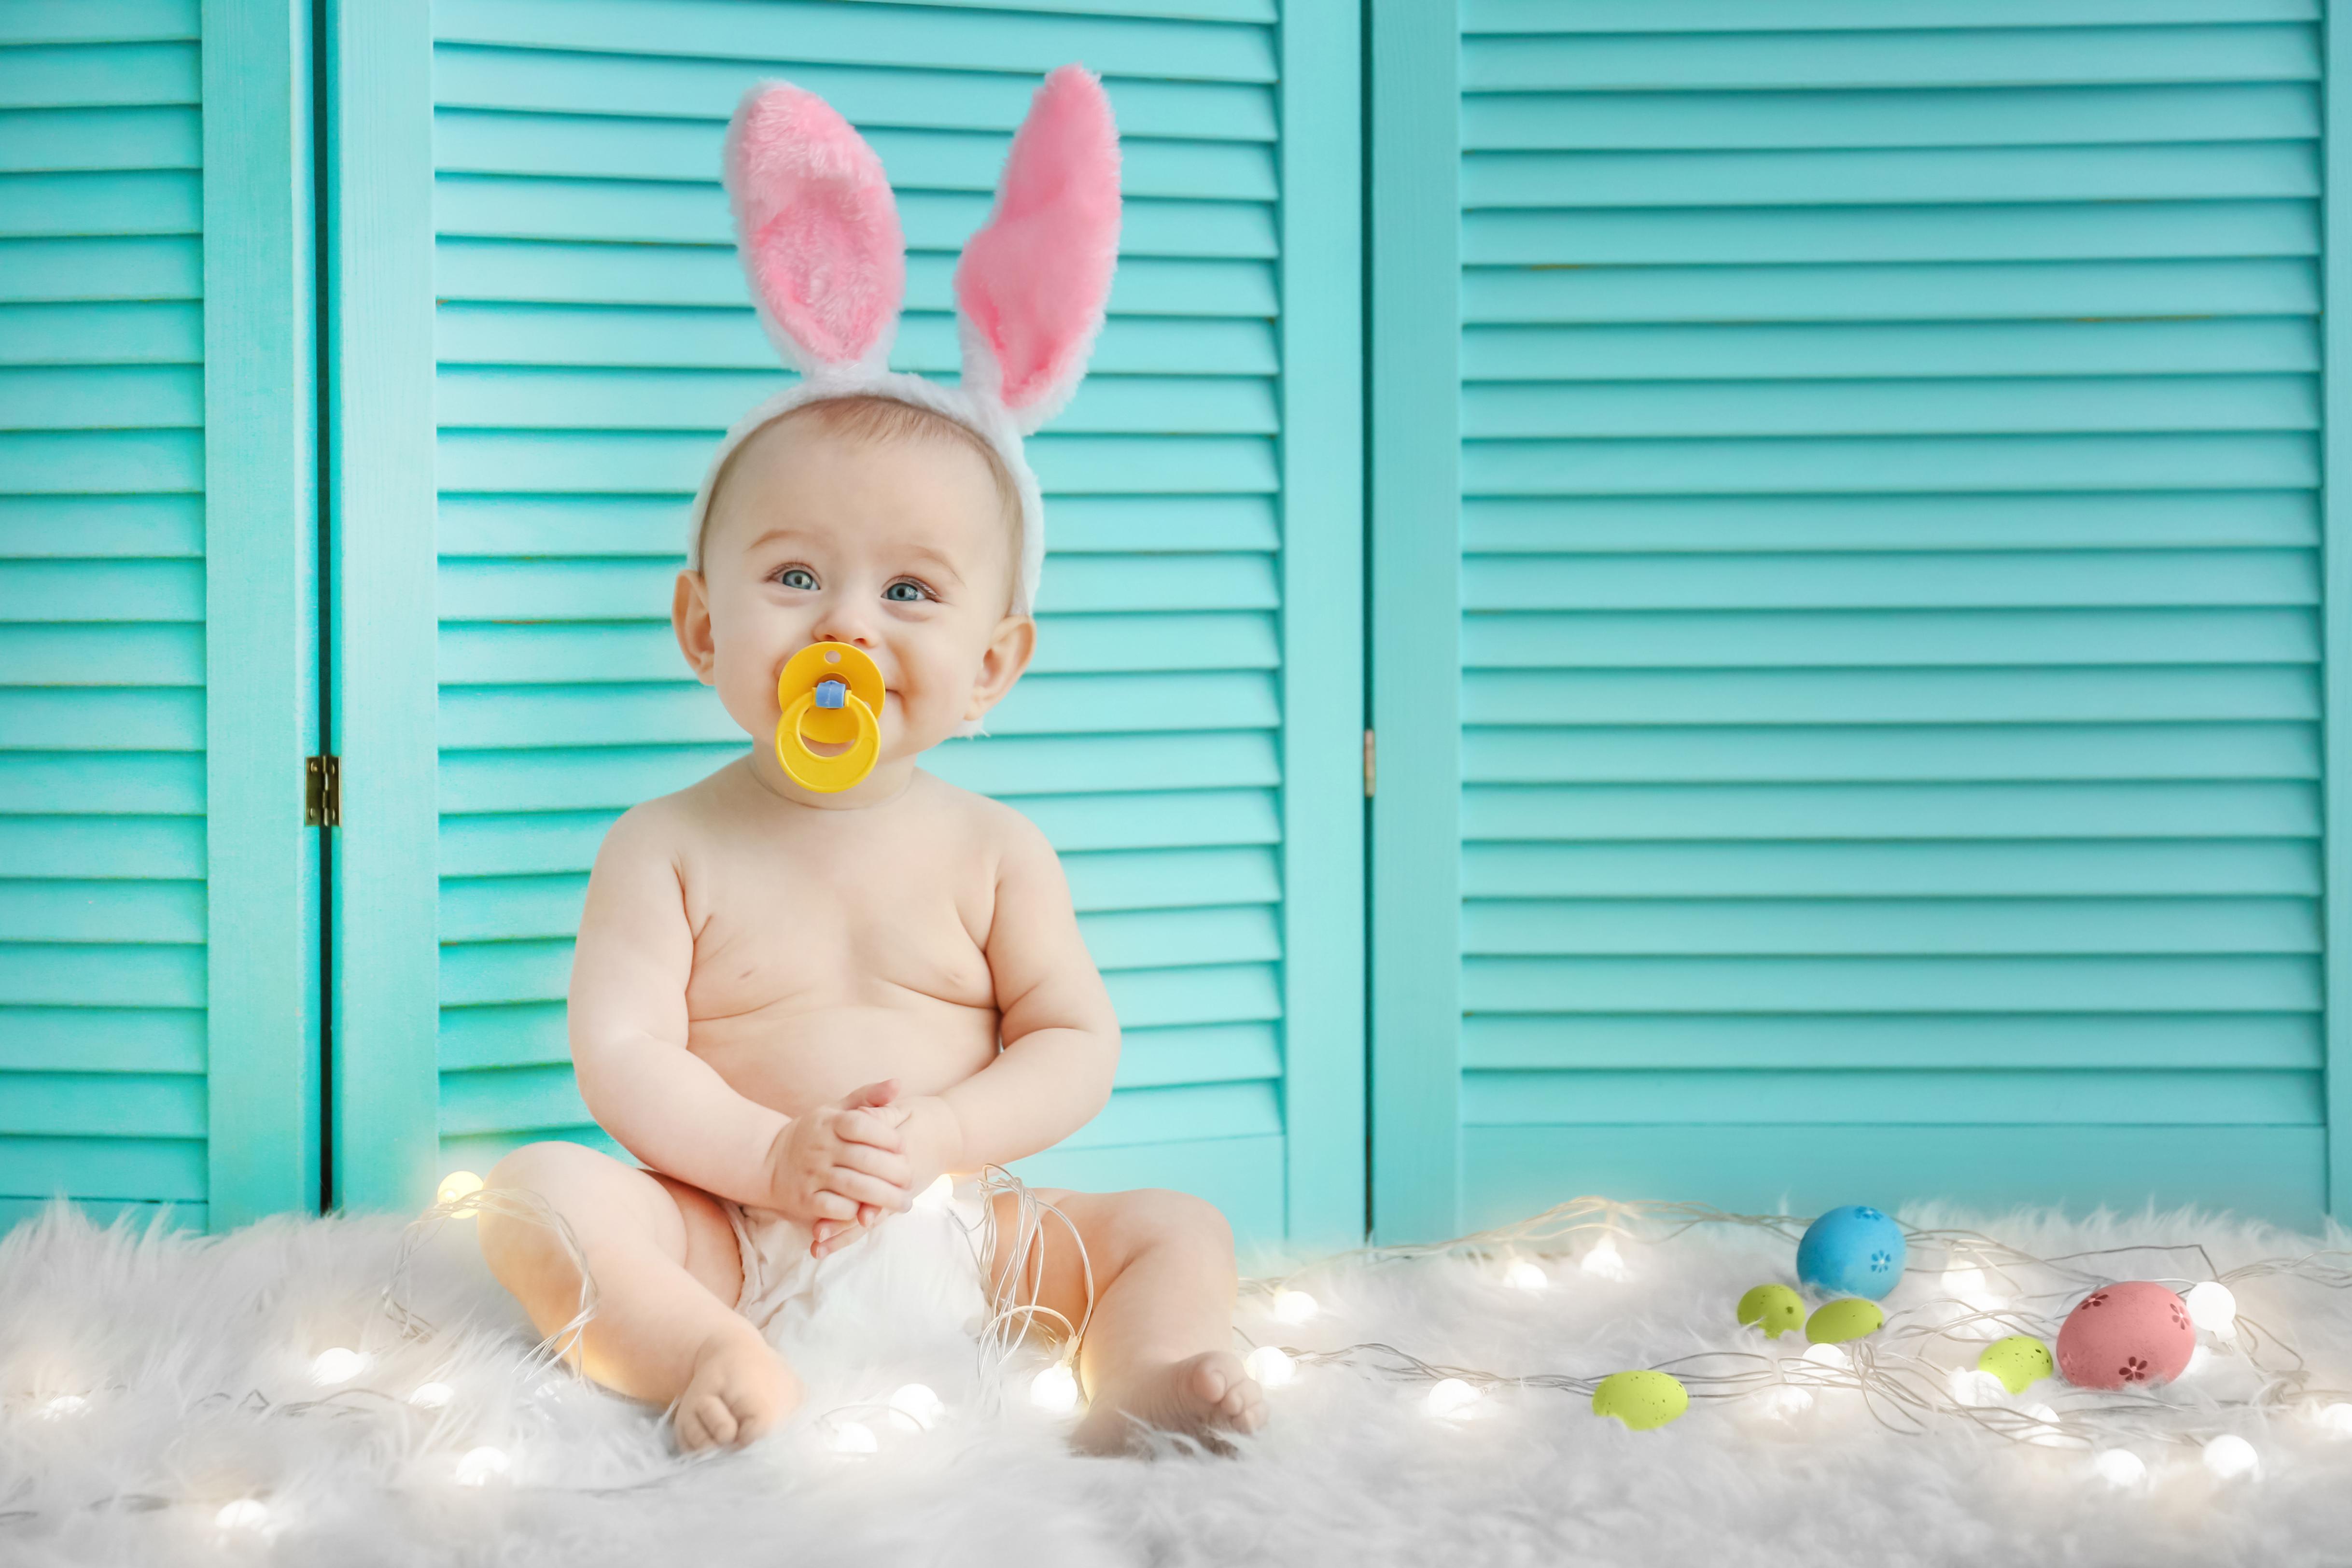 Фотографии Пасха кролик Младенцы счастливый яйцами ребёнок Праздники Кролики младенец младенца грудной ребёнок счастье Радость радостный радостная счастливые счастливая яиц яйцо Яйца Дети